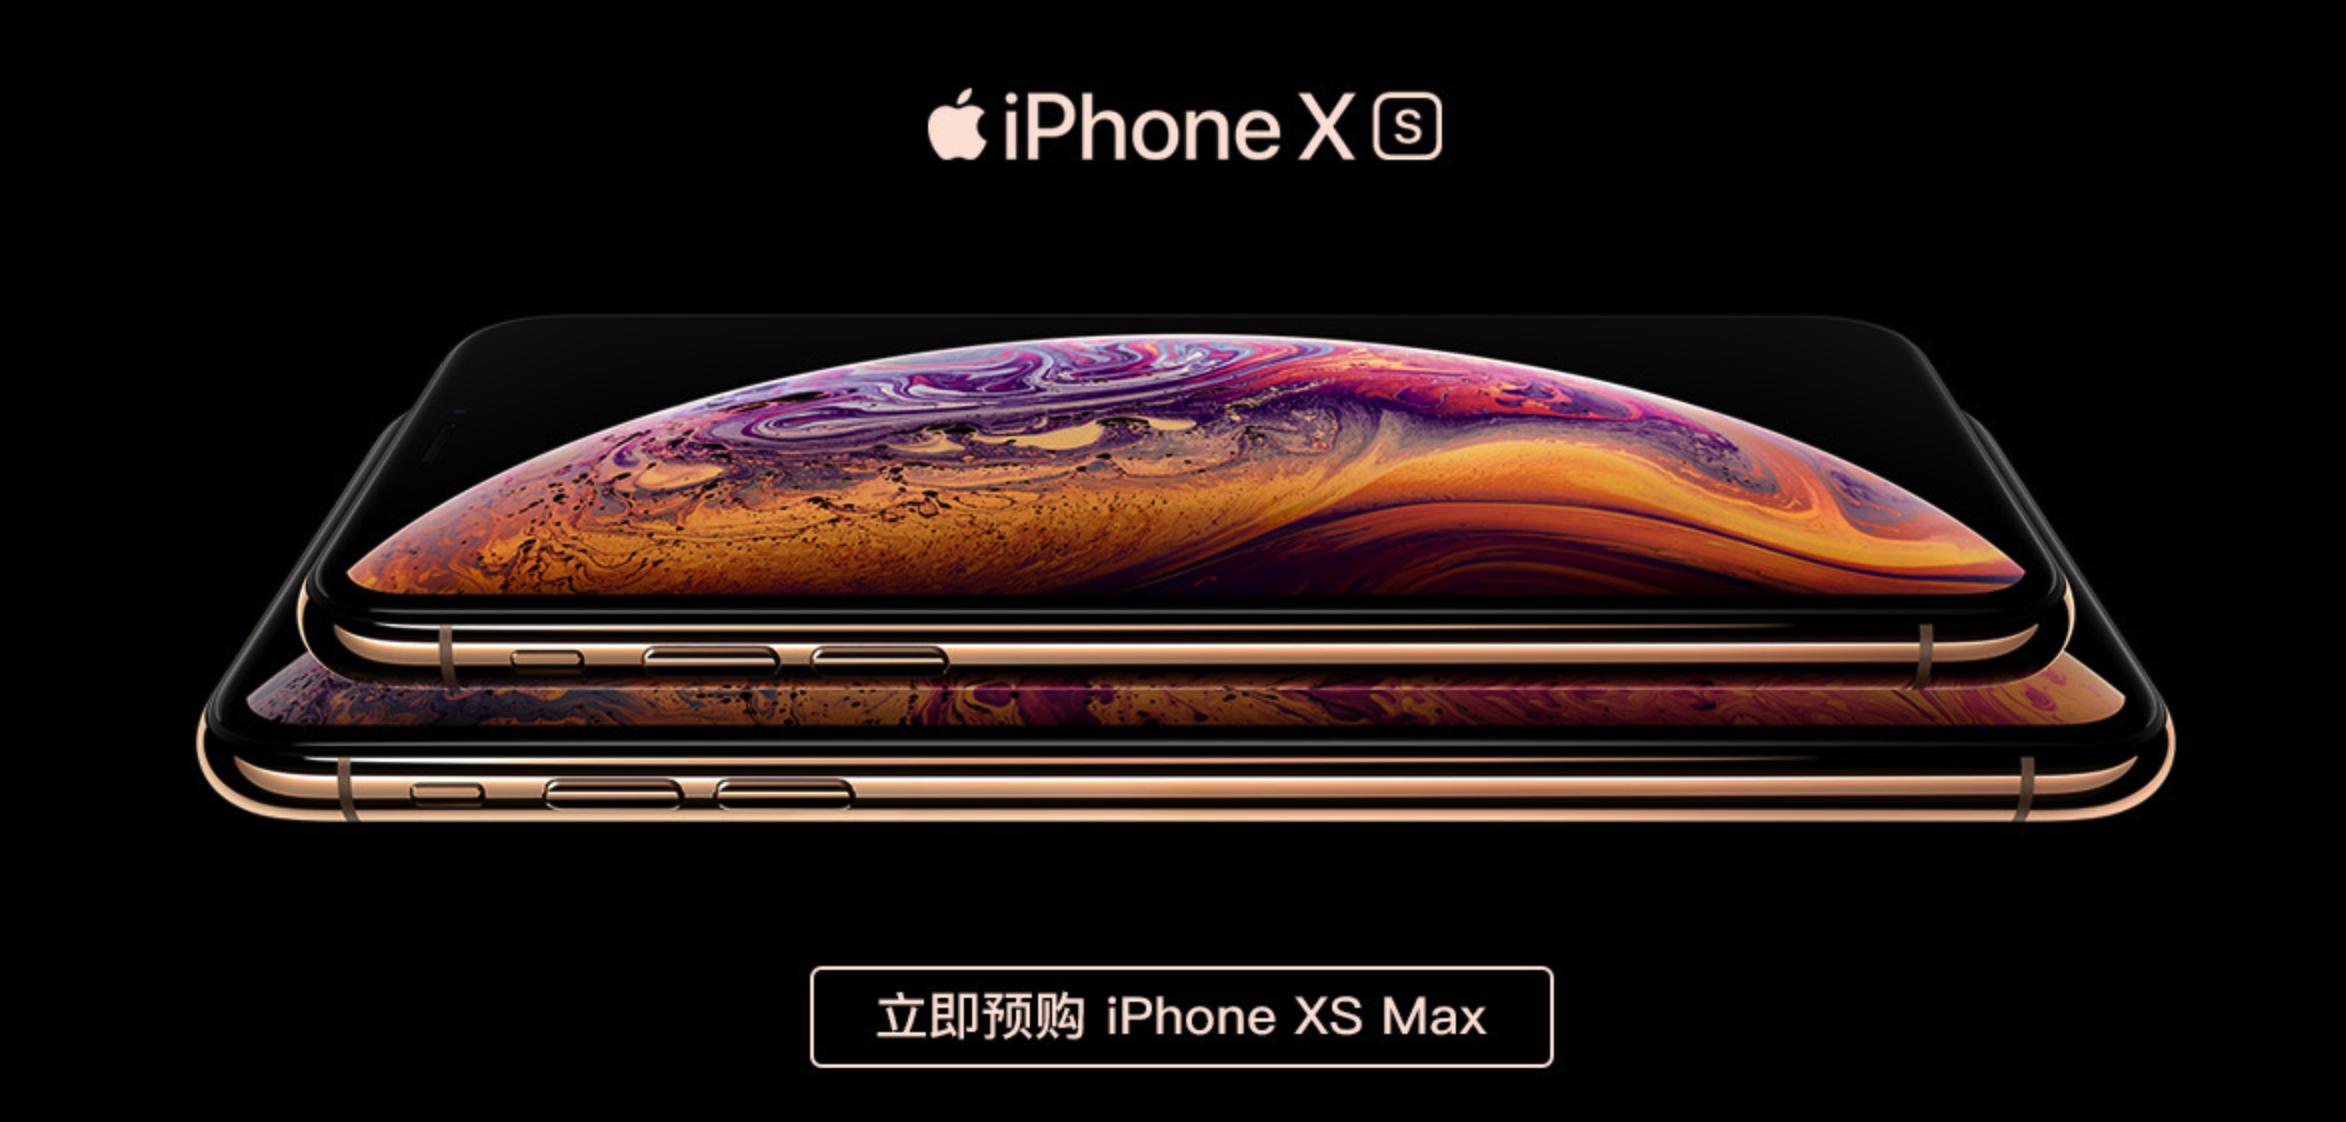 双卡iPhone XS Max来袭  京东同步开启预购